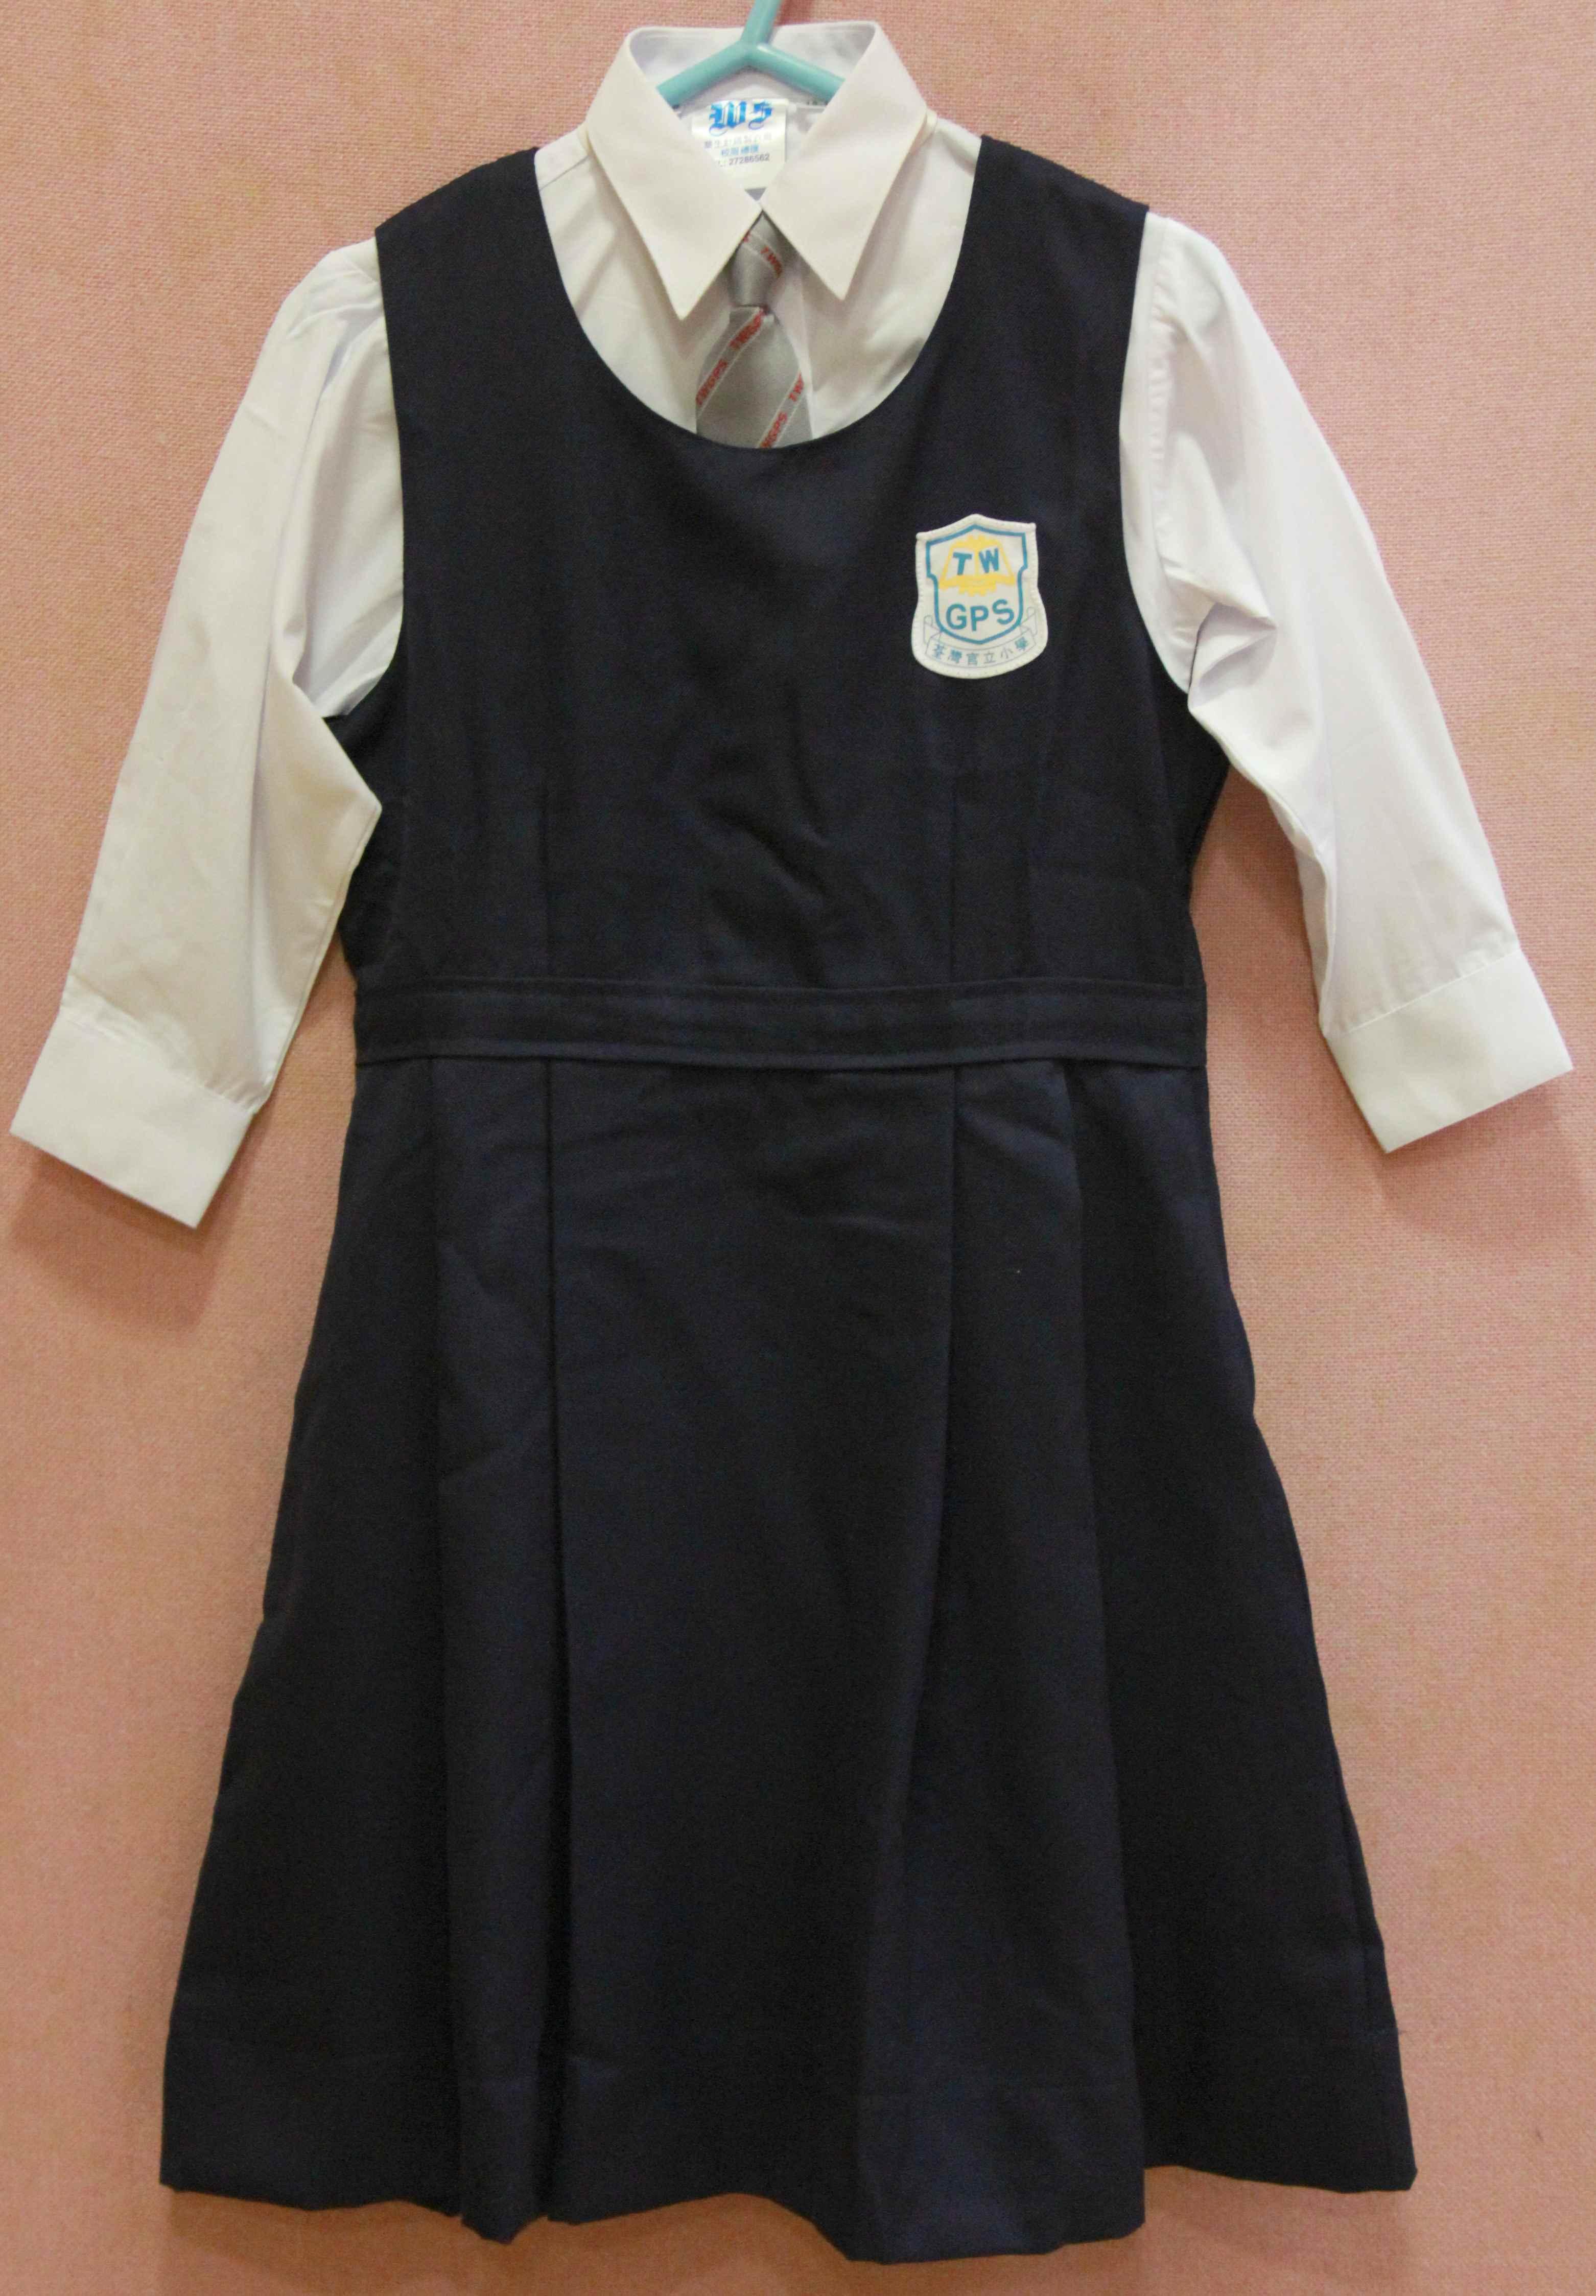 校服裙设计图手稿素描